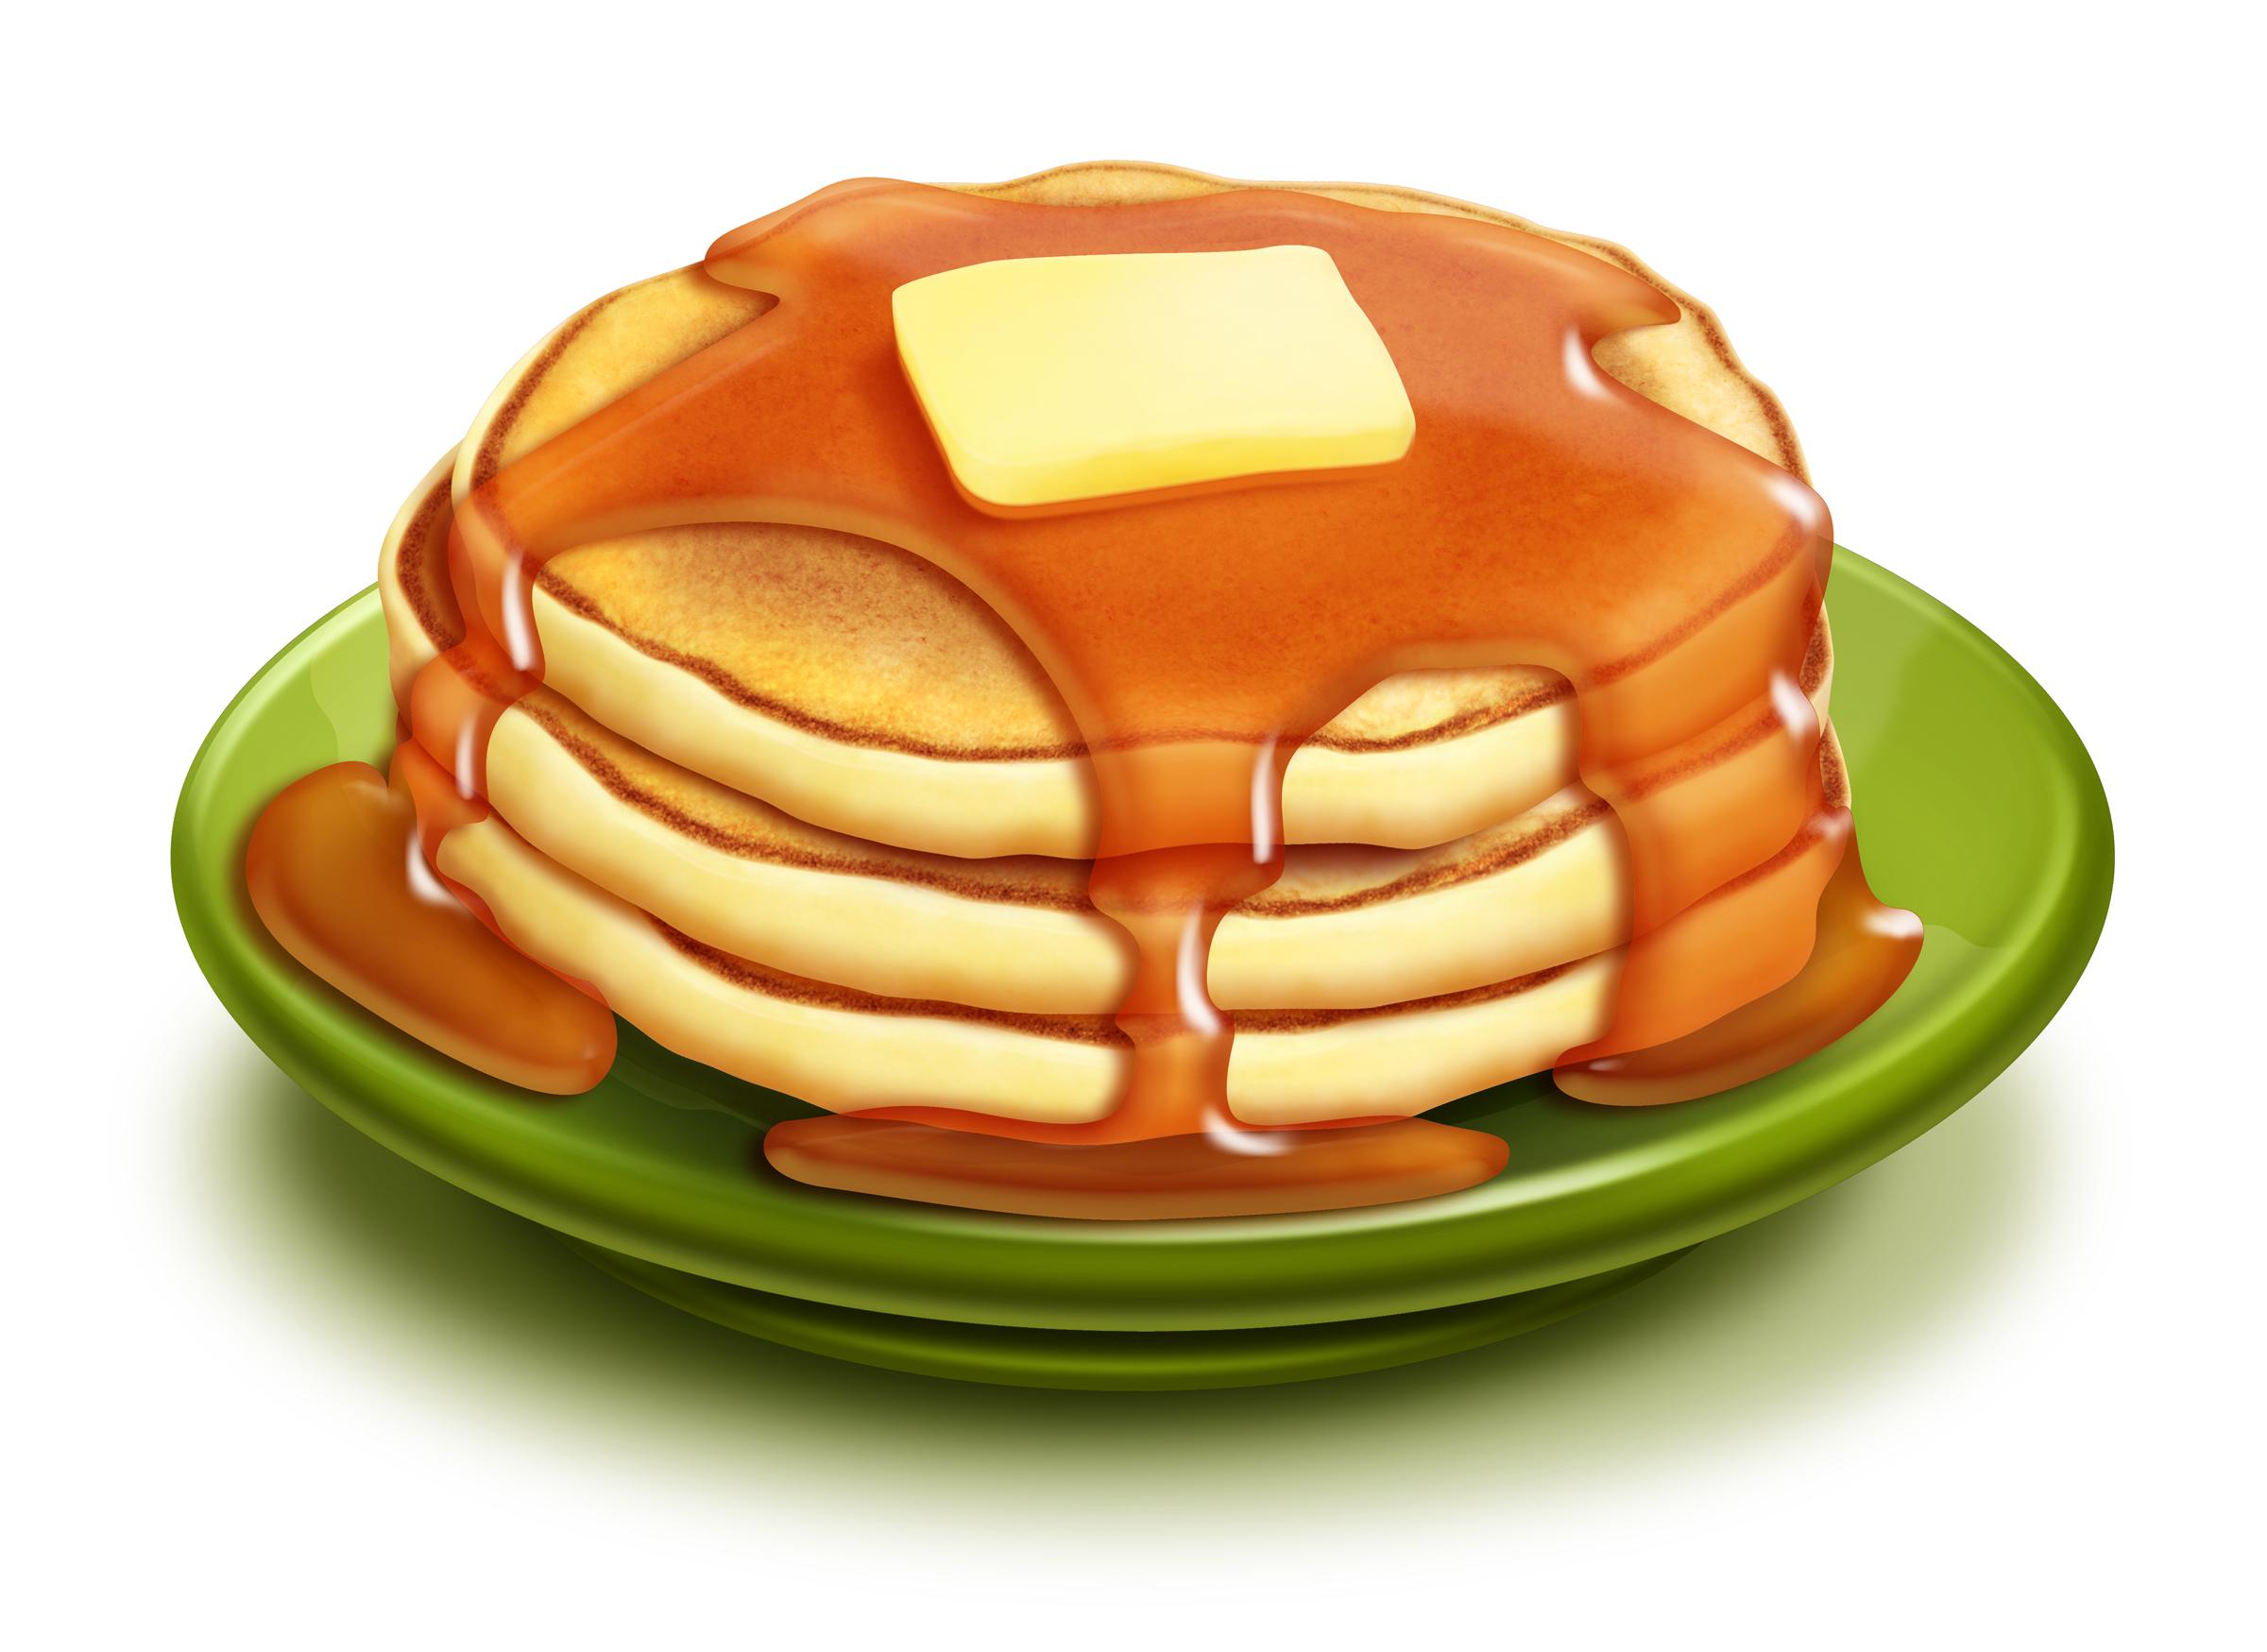 Yum, pancakes!